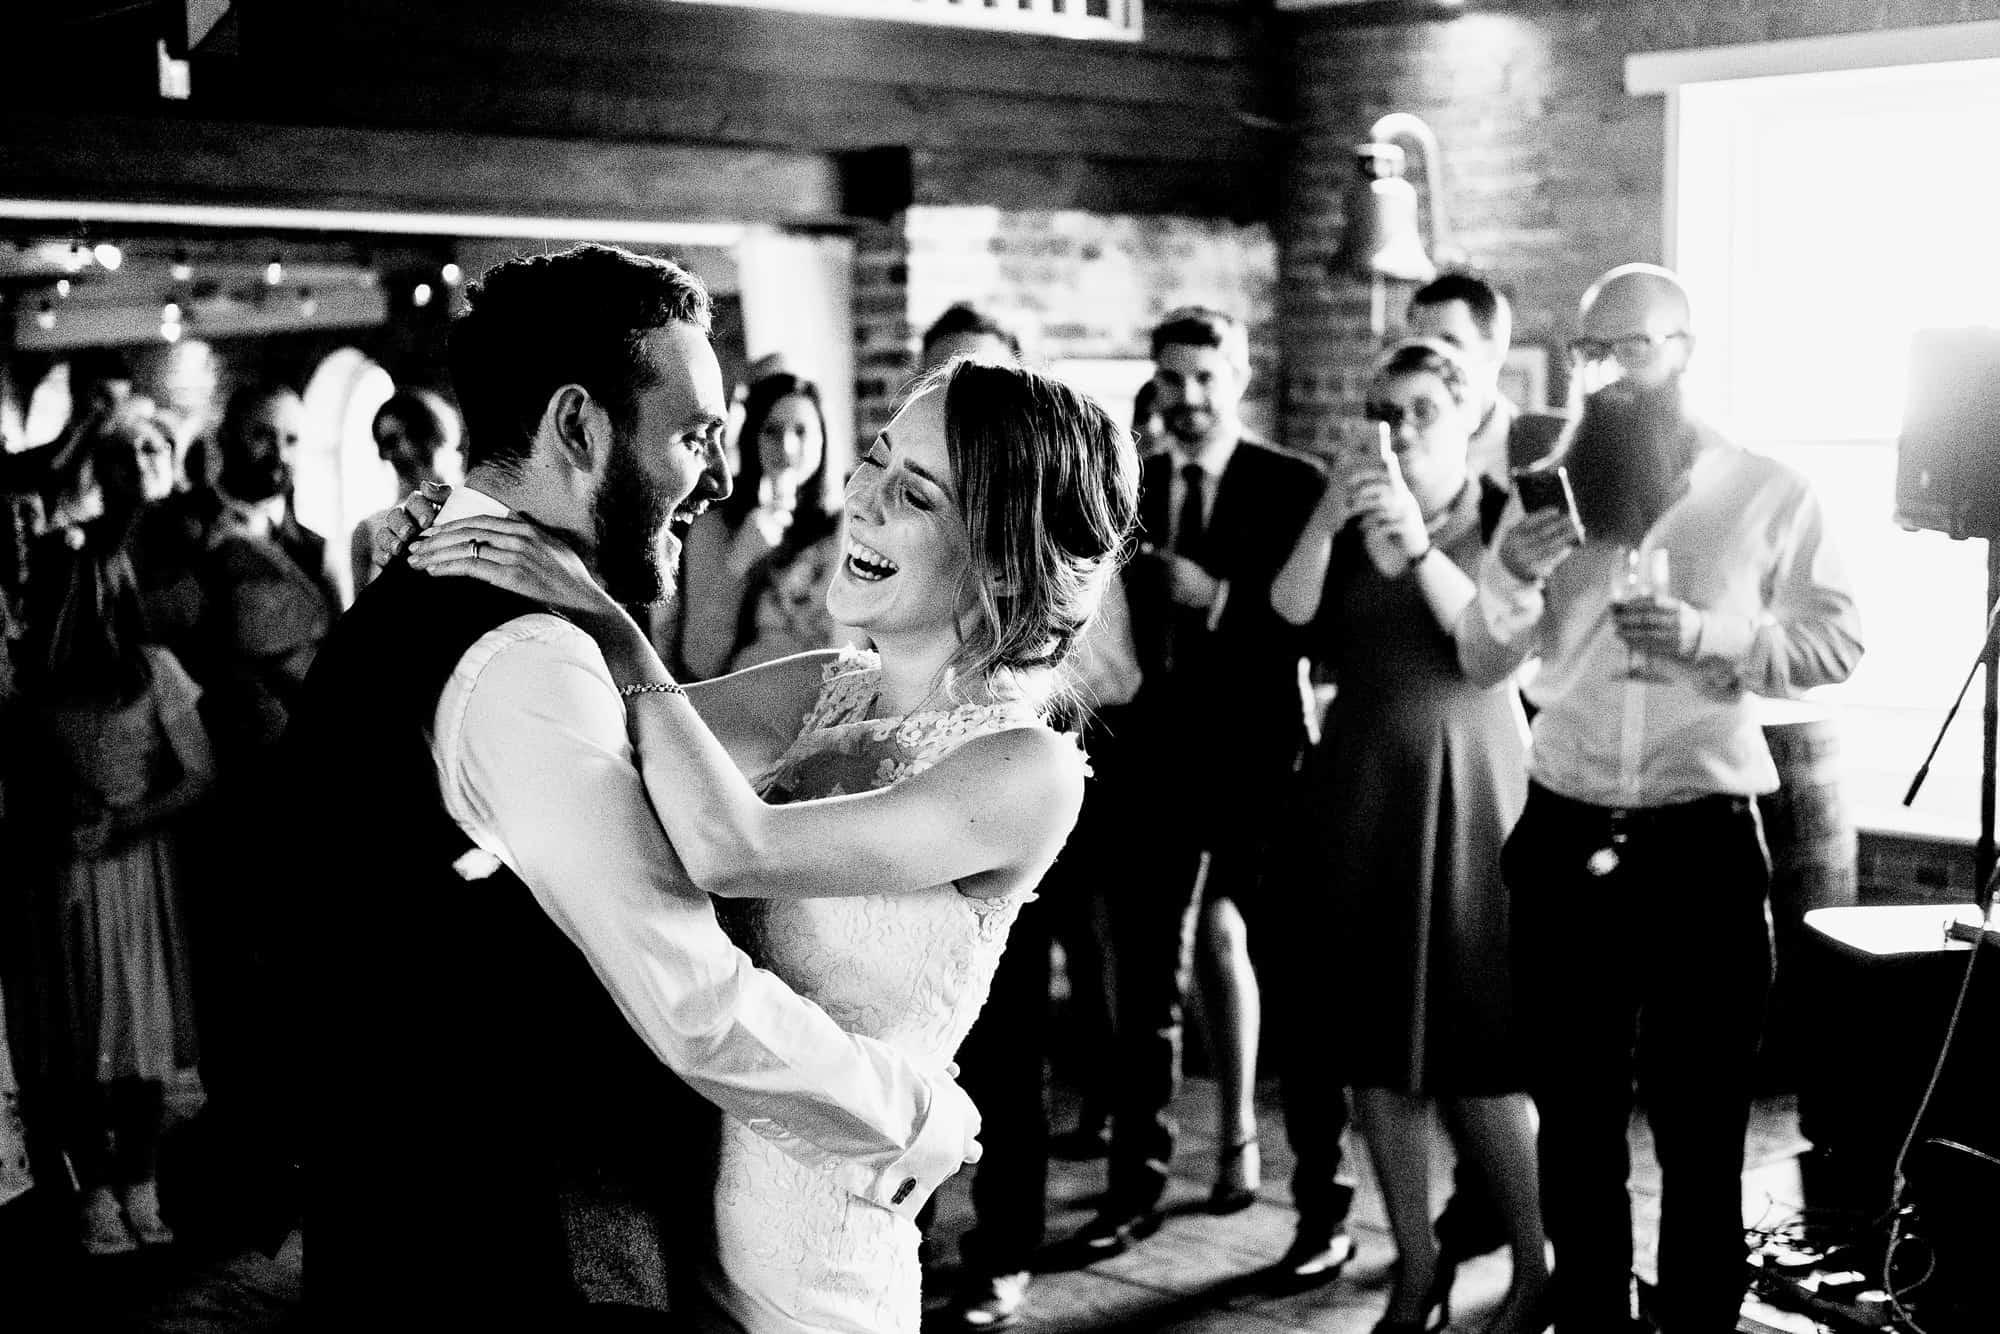 east-quay-wedding-photographer-matt-tyler-0079